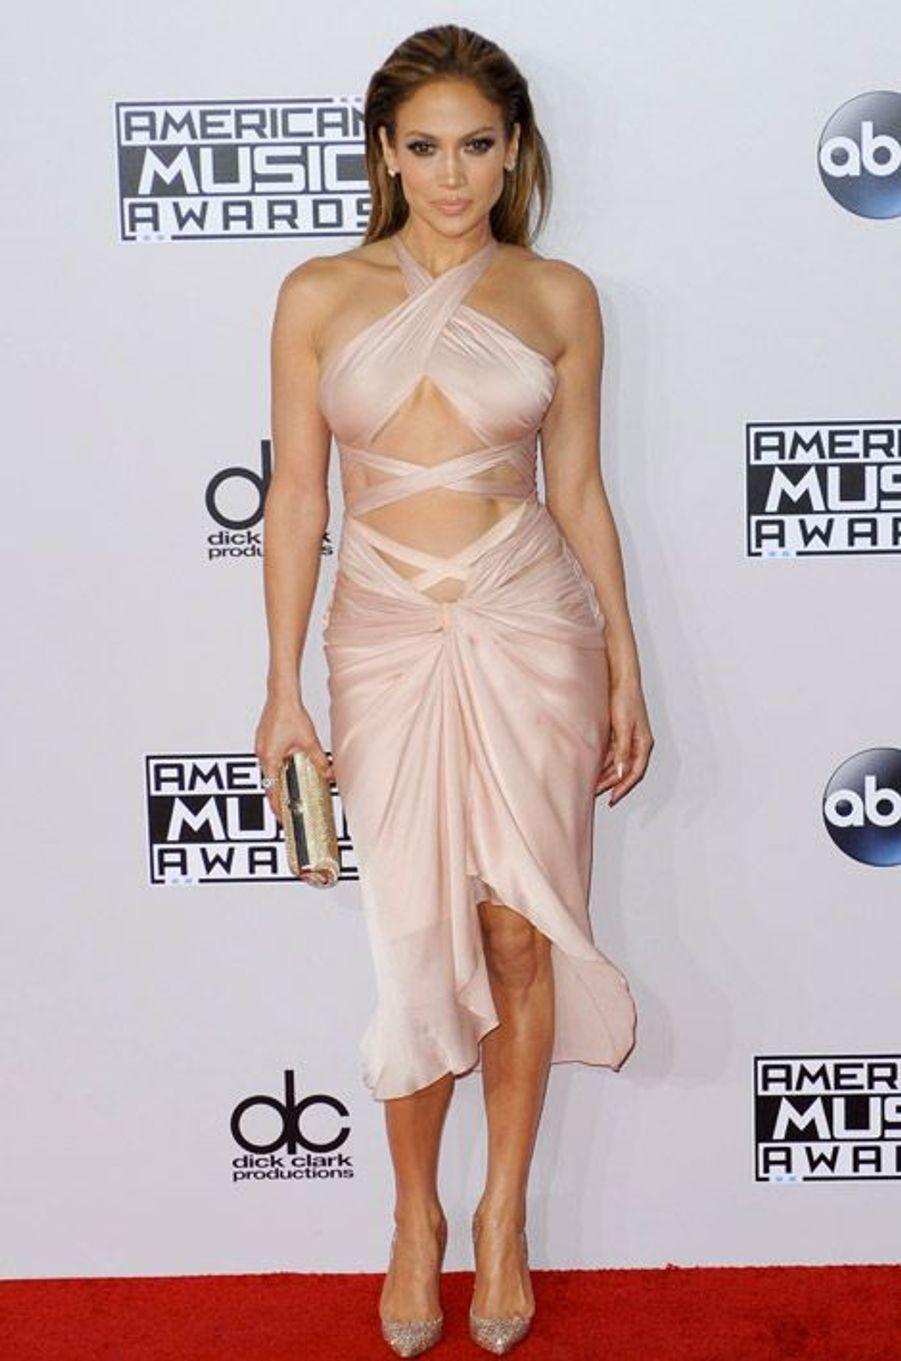 La chanteuse Jennifer Lopez en Reem Acra lors de la cérémonie des American Music Awards à Los Angeles, le 23 novembre 2014